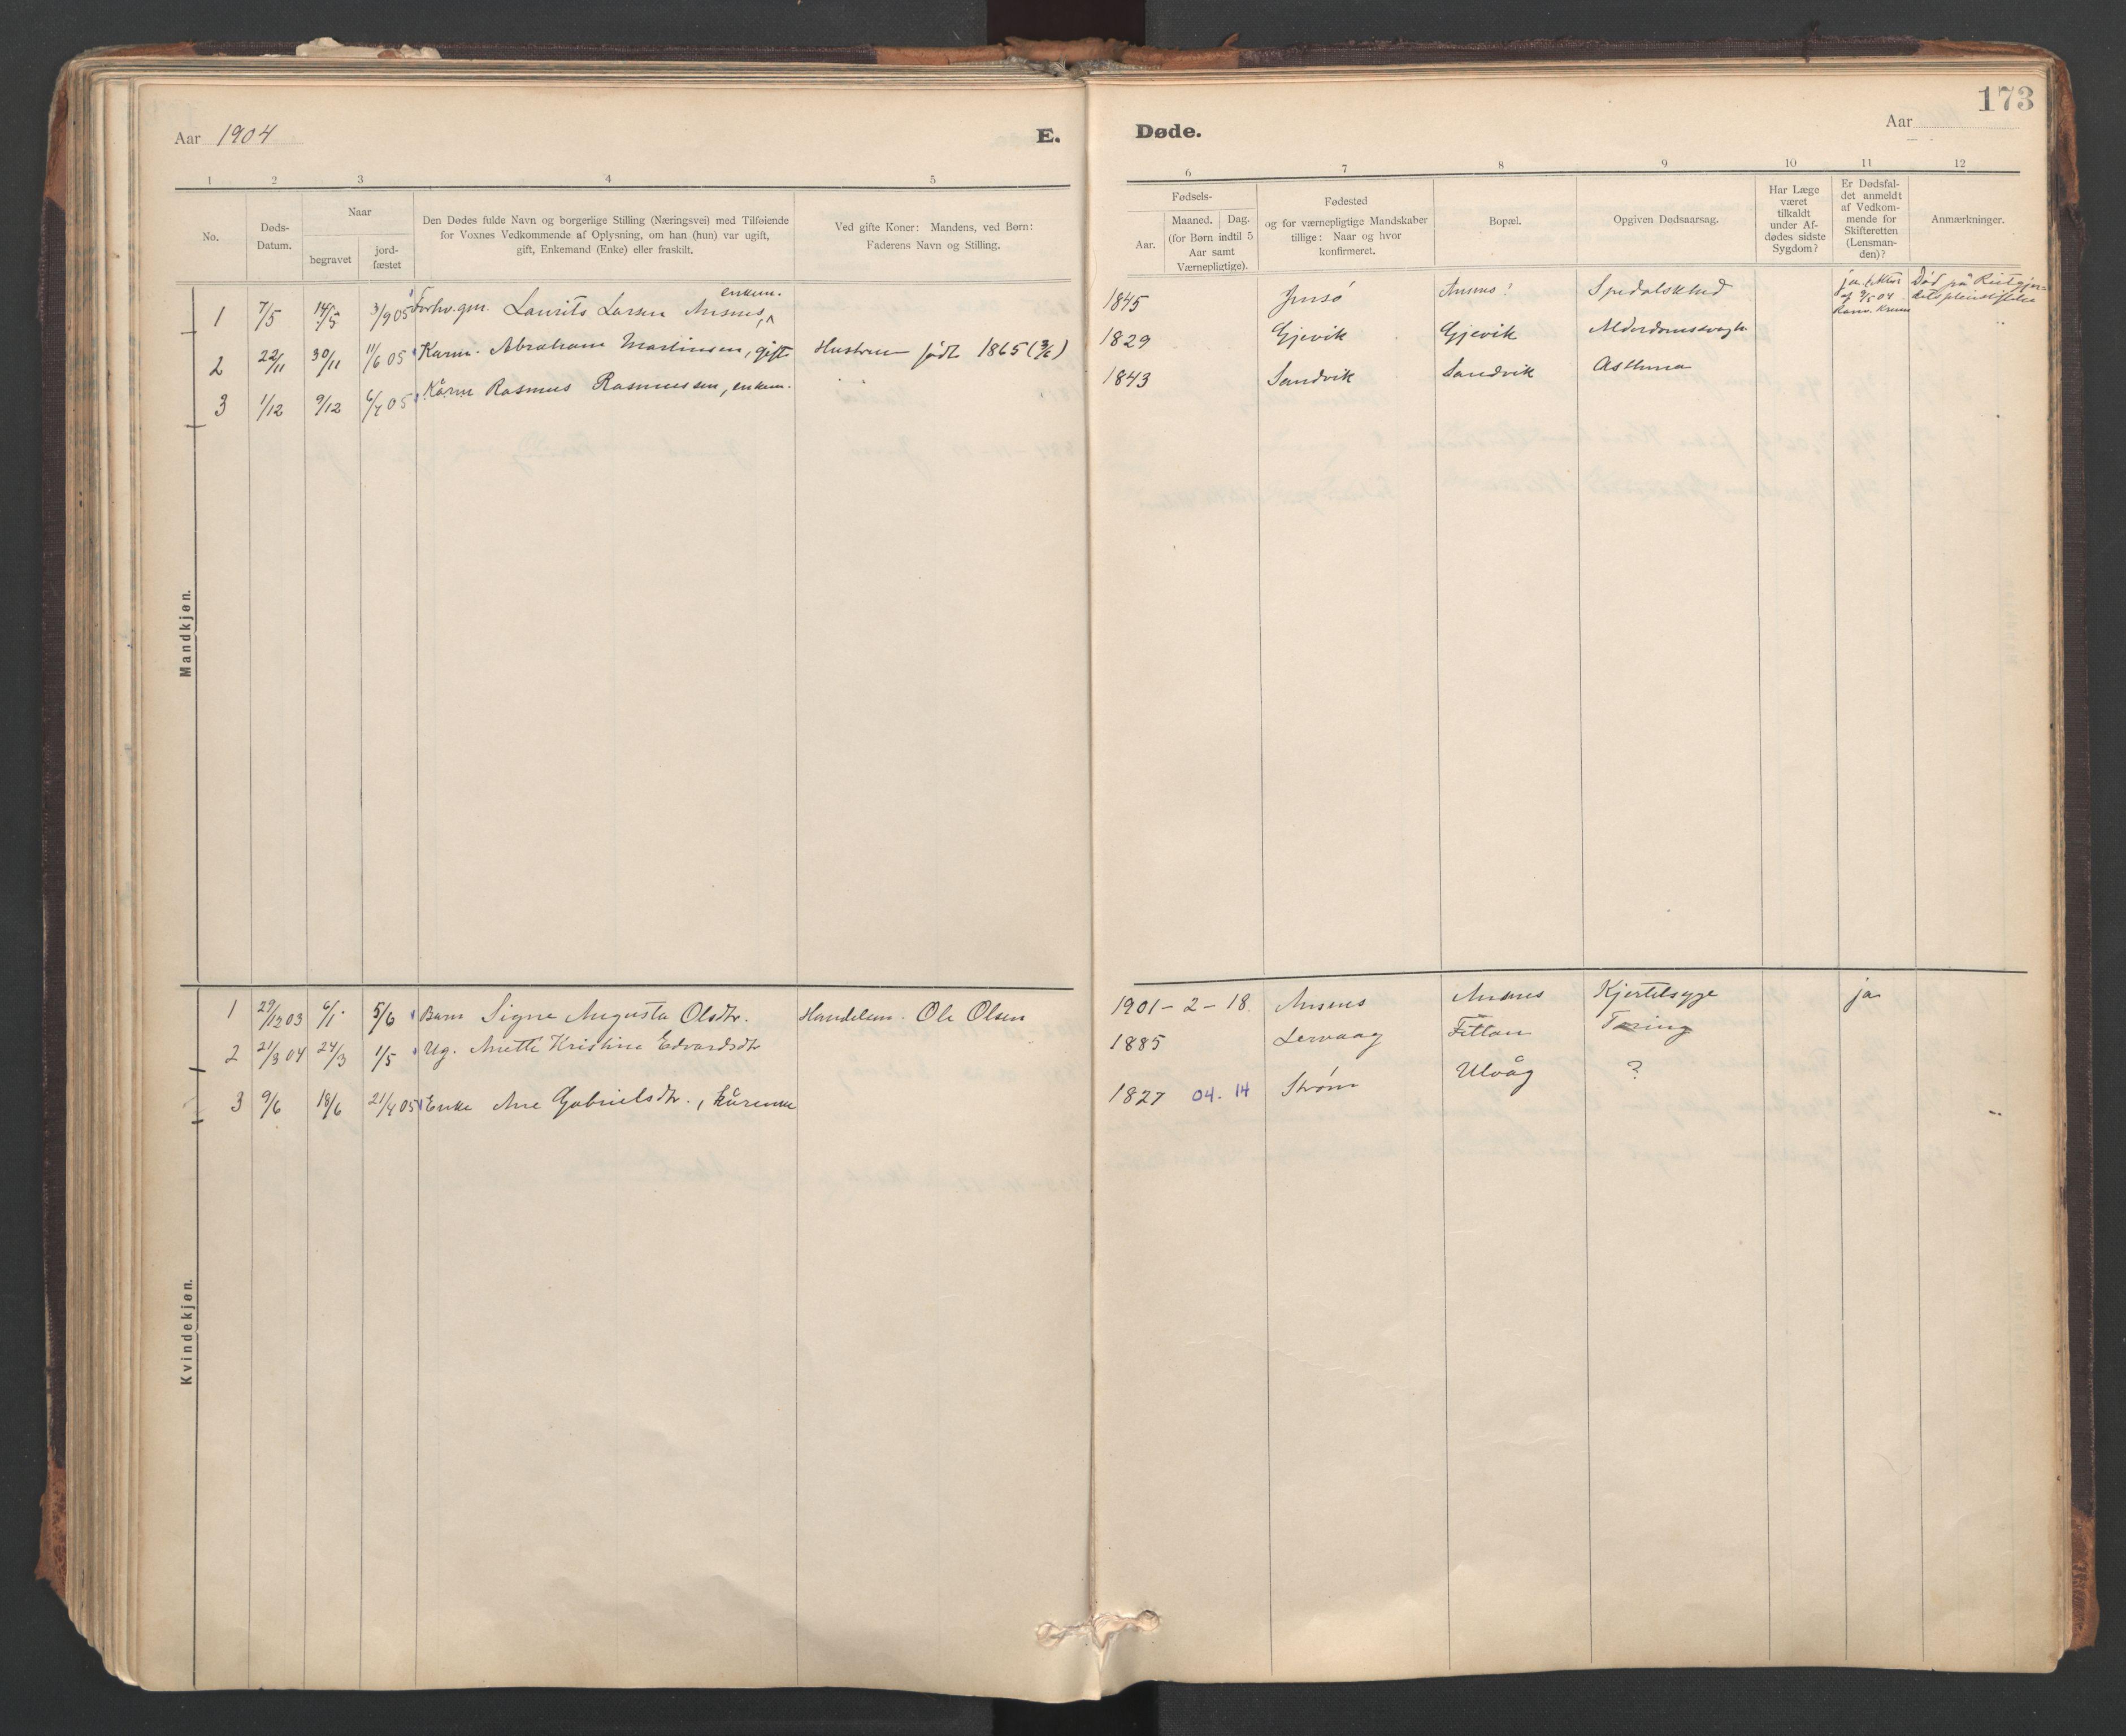 SAT, Ministerialprotokoller, klokkerbøker og fødselsregistre - Sør-Trøndelag, 637/L0559: Ministerialbok nr. 637A02, 1899-1923, s. 173